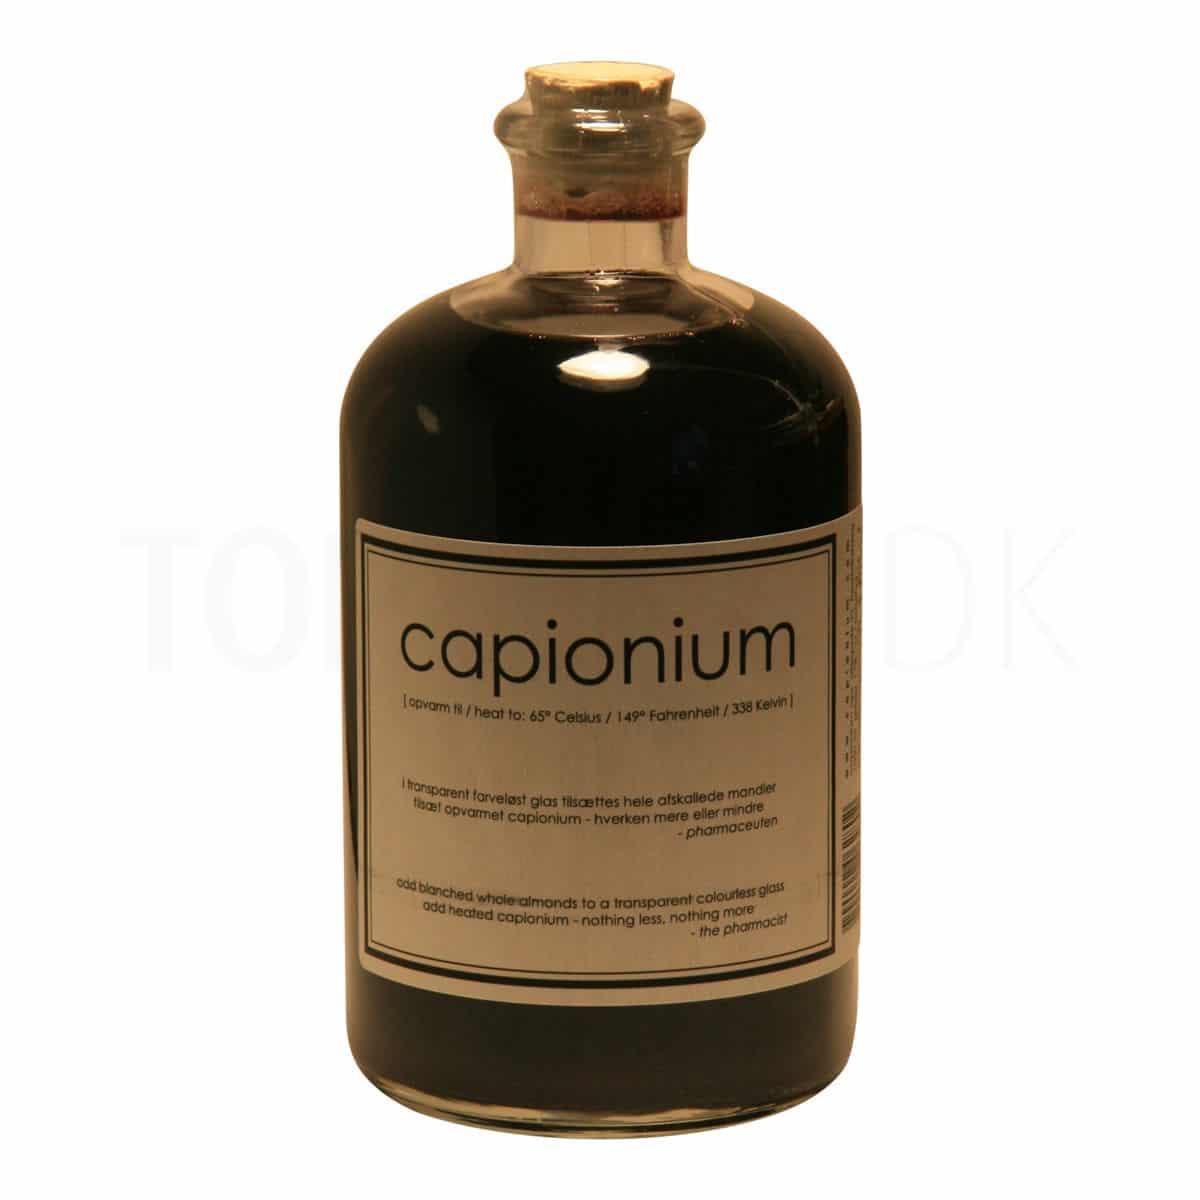 Topvine Capionium gloegg